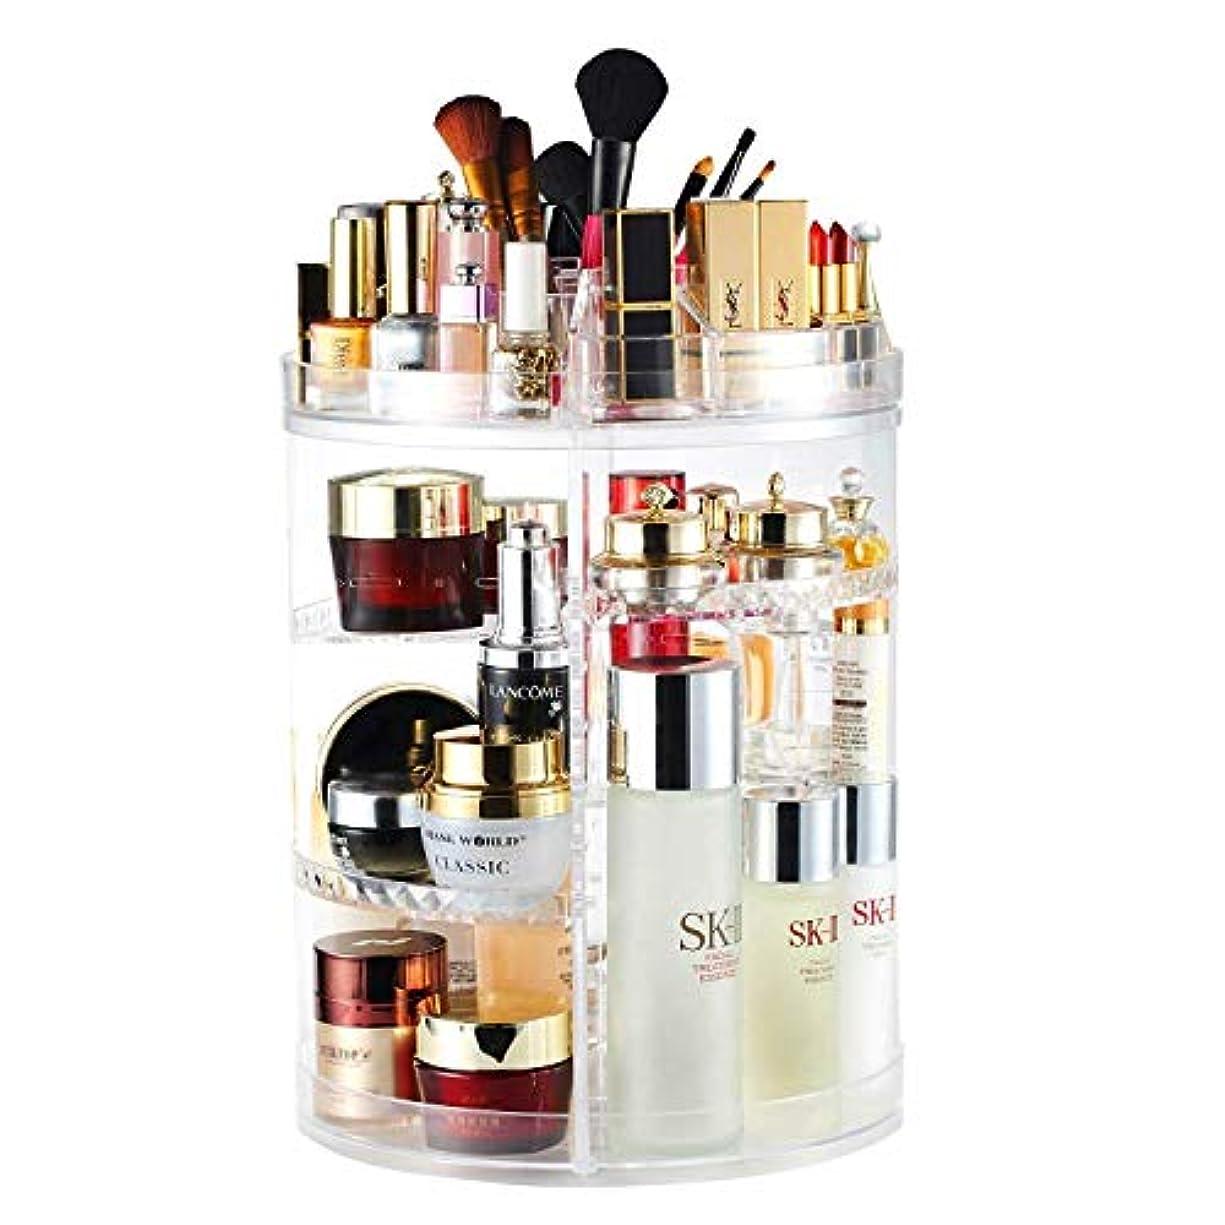 MHTECH 360度回転式 化粧品収納ボックス メイク、クリスタルアジャスタブルジュエリー化粧品香水ディスプレイスタンドボックス、大容量ドレッサーのための収納補給、バスルーム、寝室、クローゼット、キッチン、オフィス